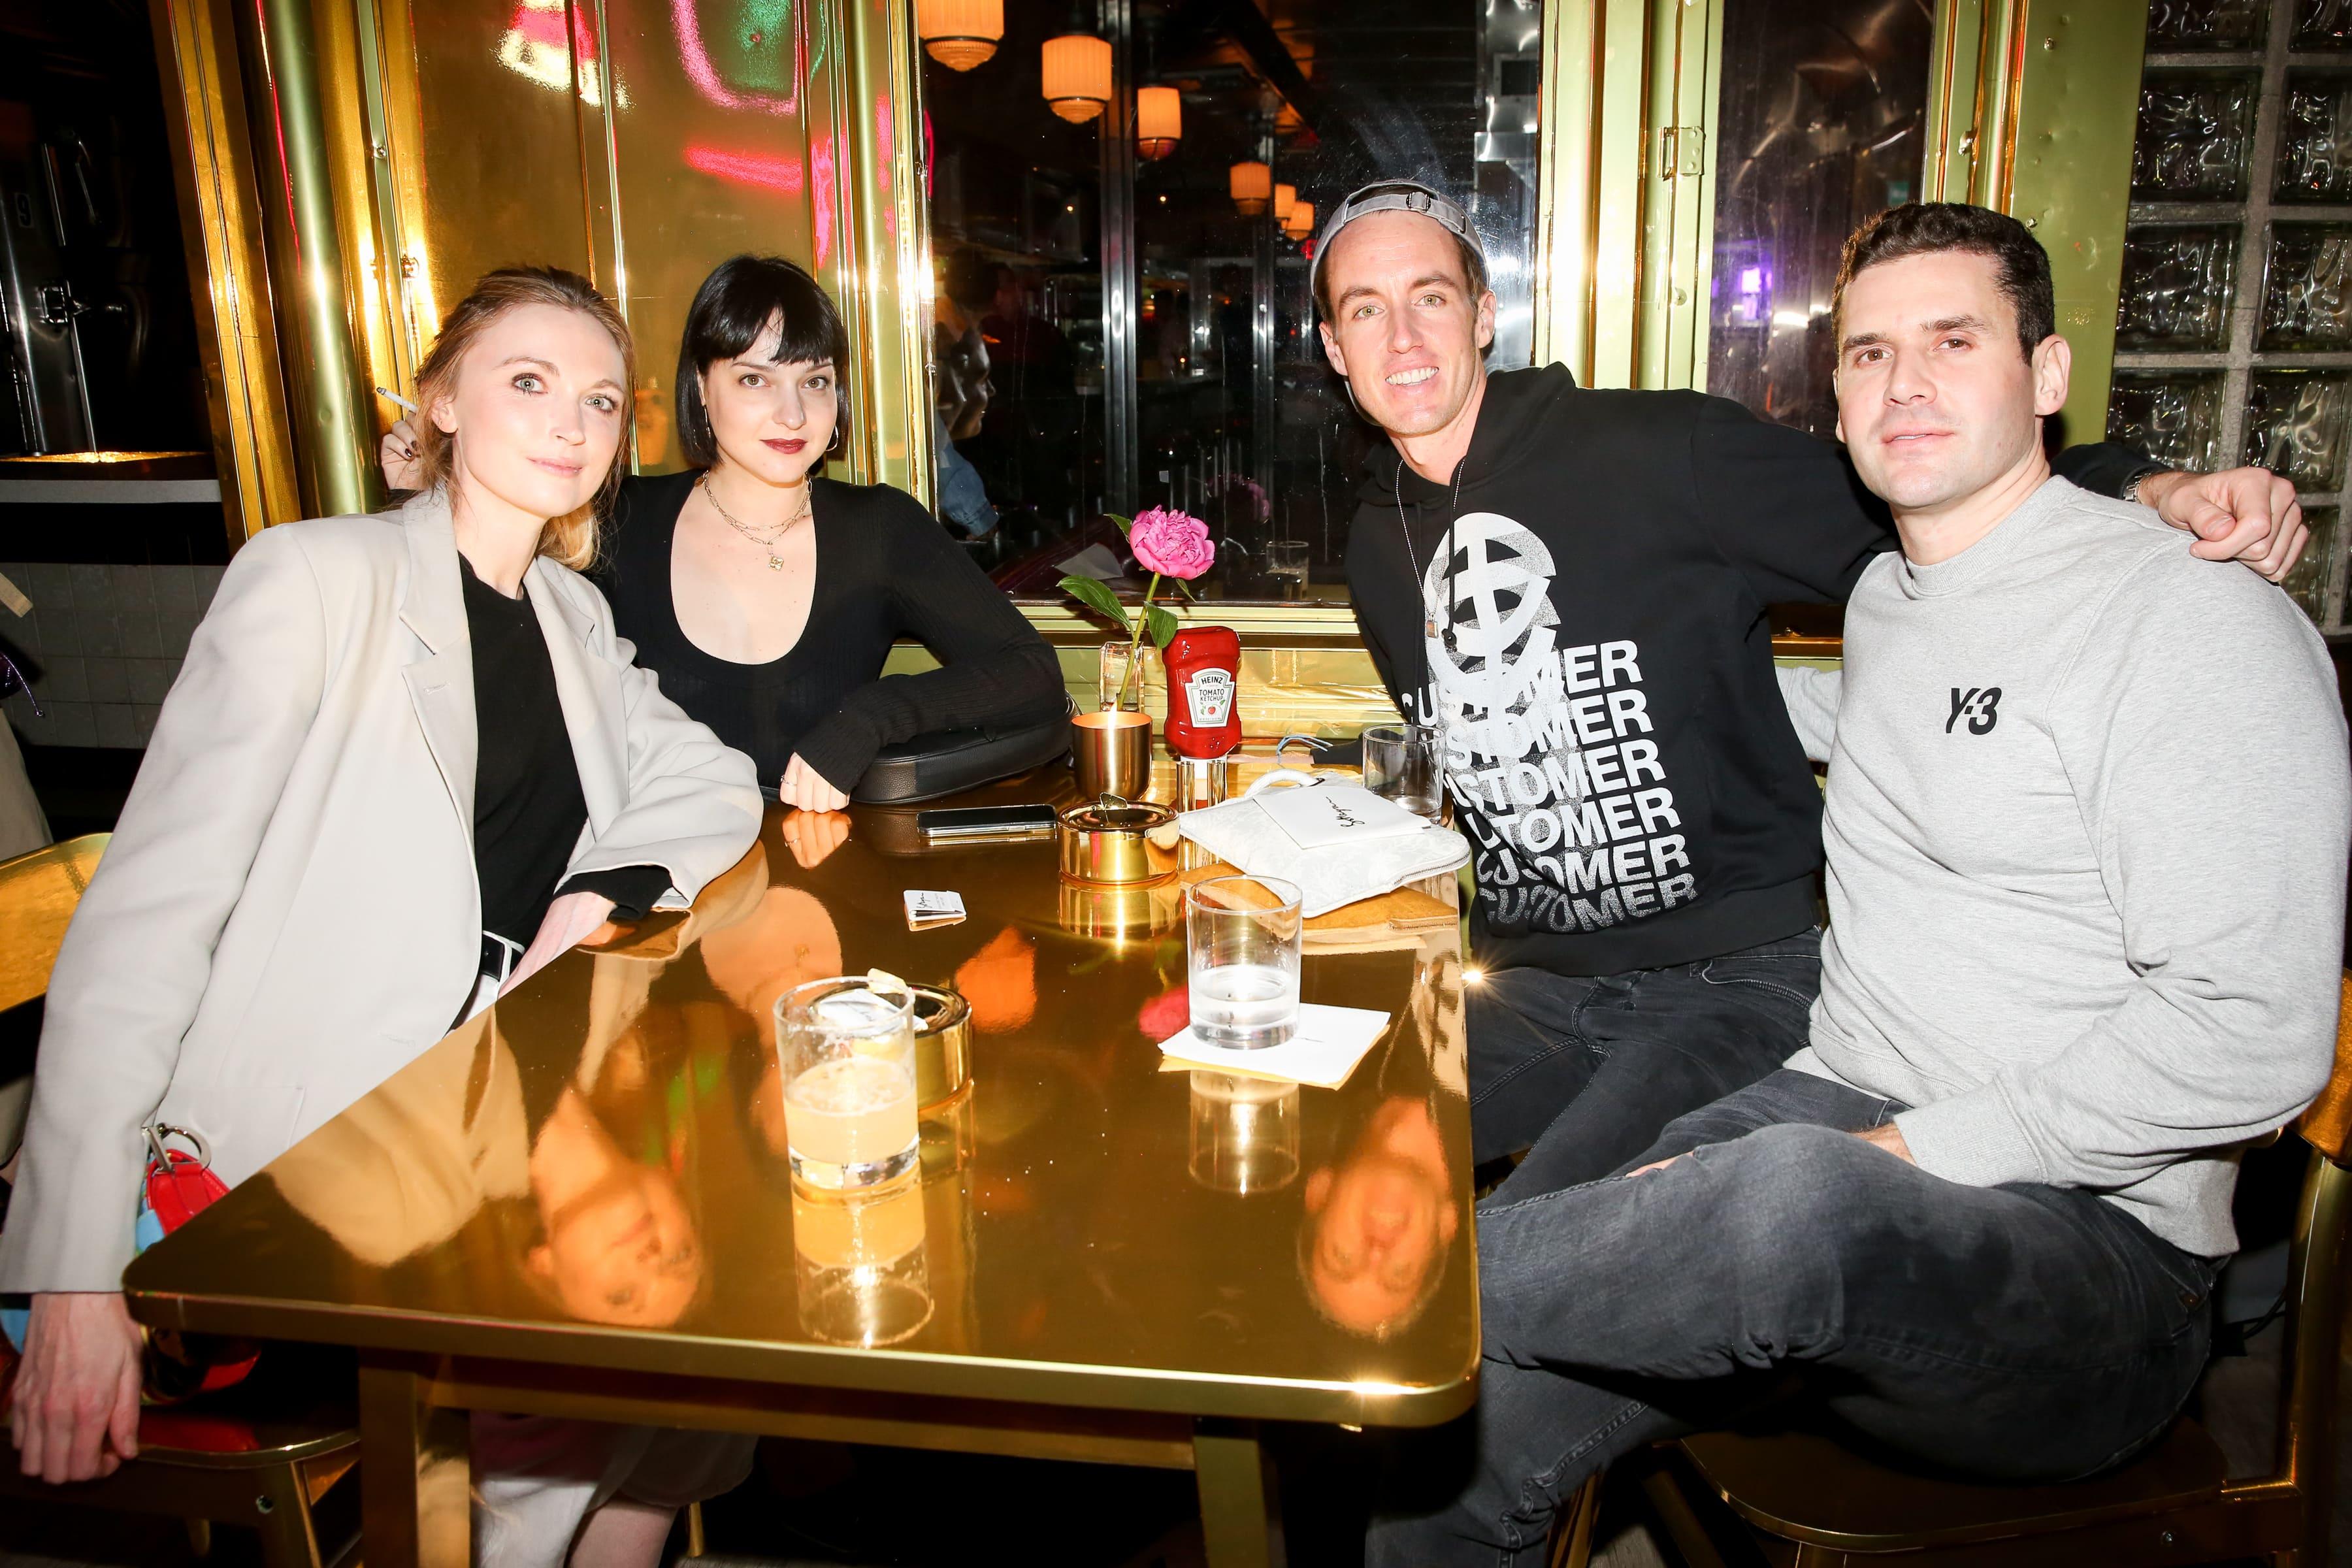 Jane McFarland, Olivia Singer, NIck Remsen et Peter Miller